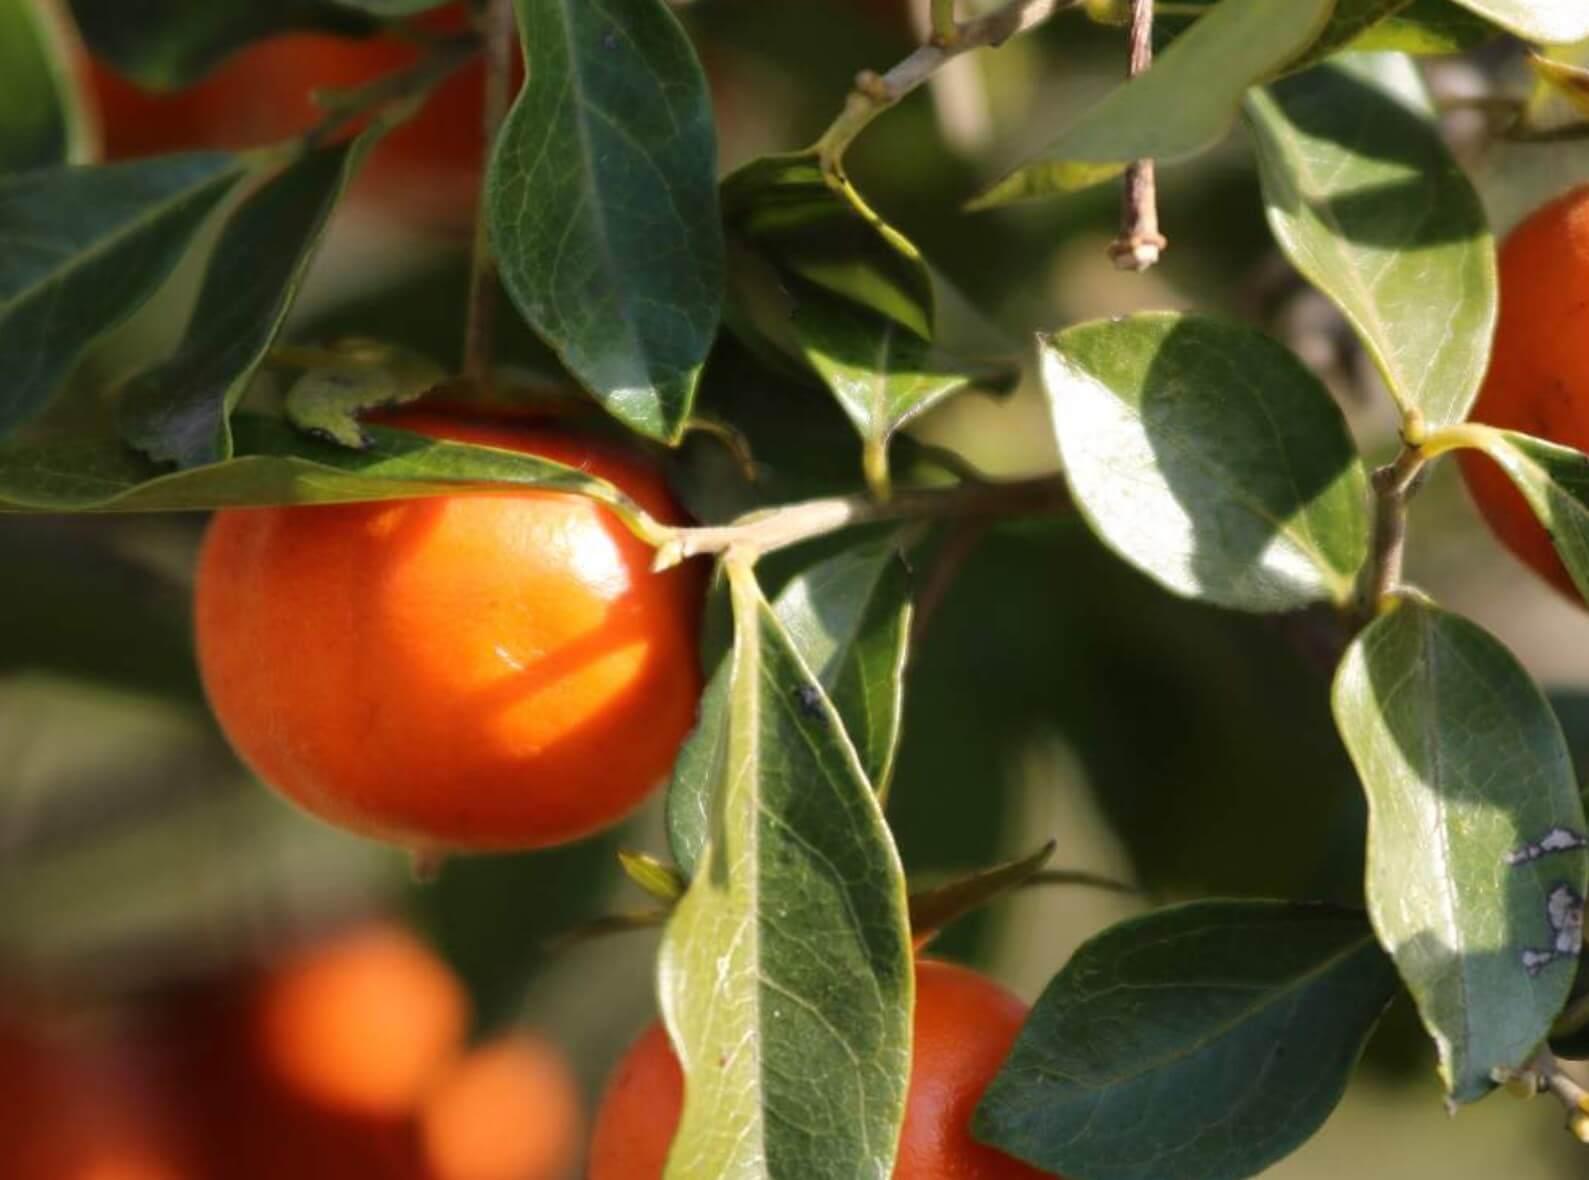 の 時期 柿の木 剪定 柿の木 の